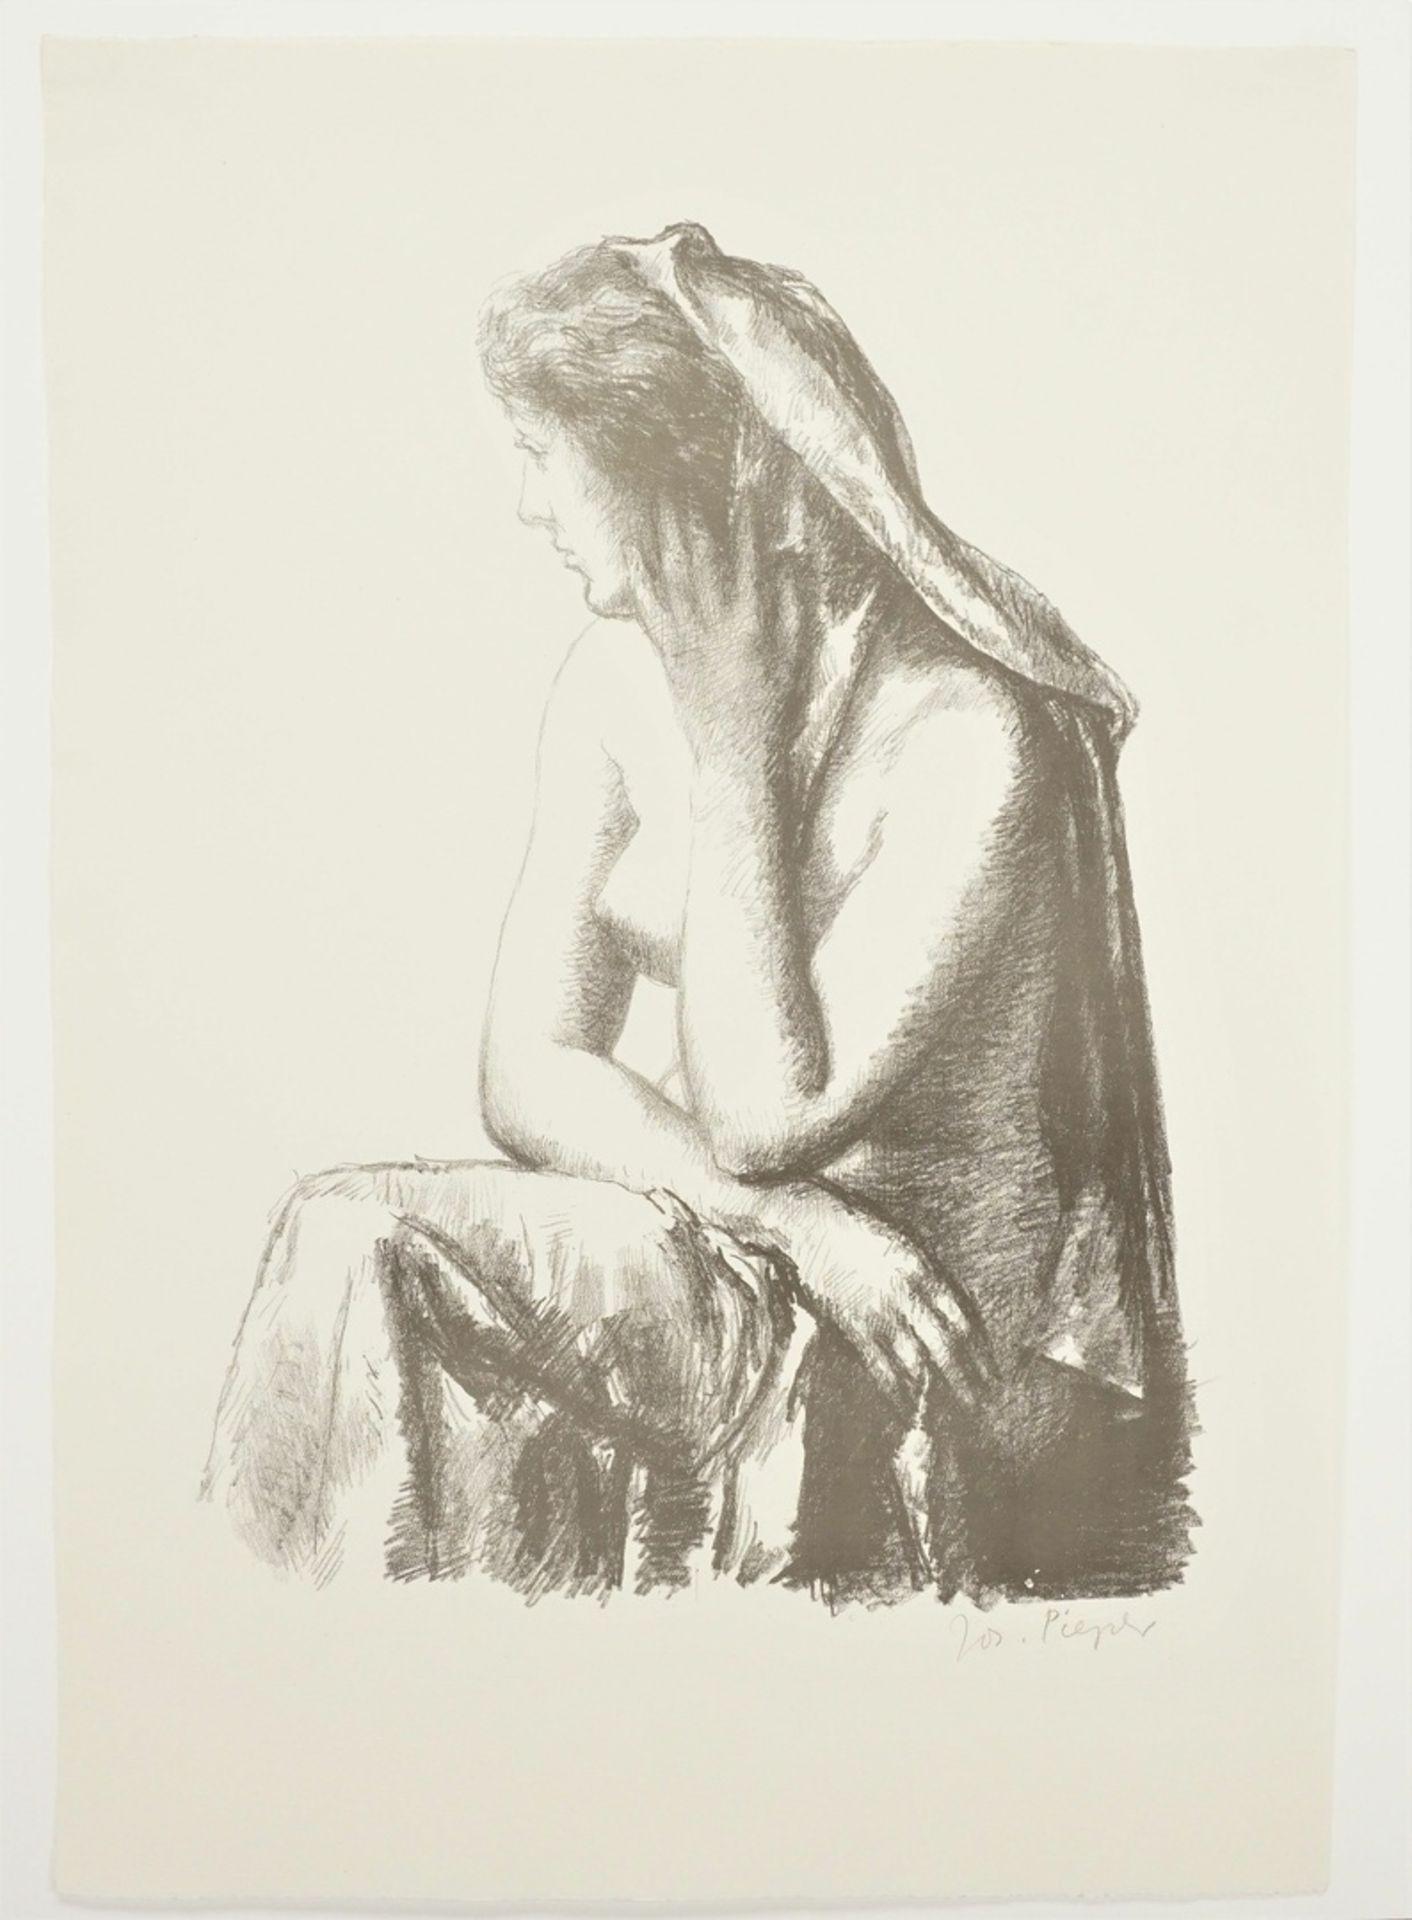 Josef Pieper, Sitzender weiblicher Halbakt mit Tuch - Bild 3 aus 4